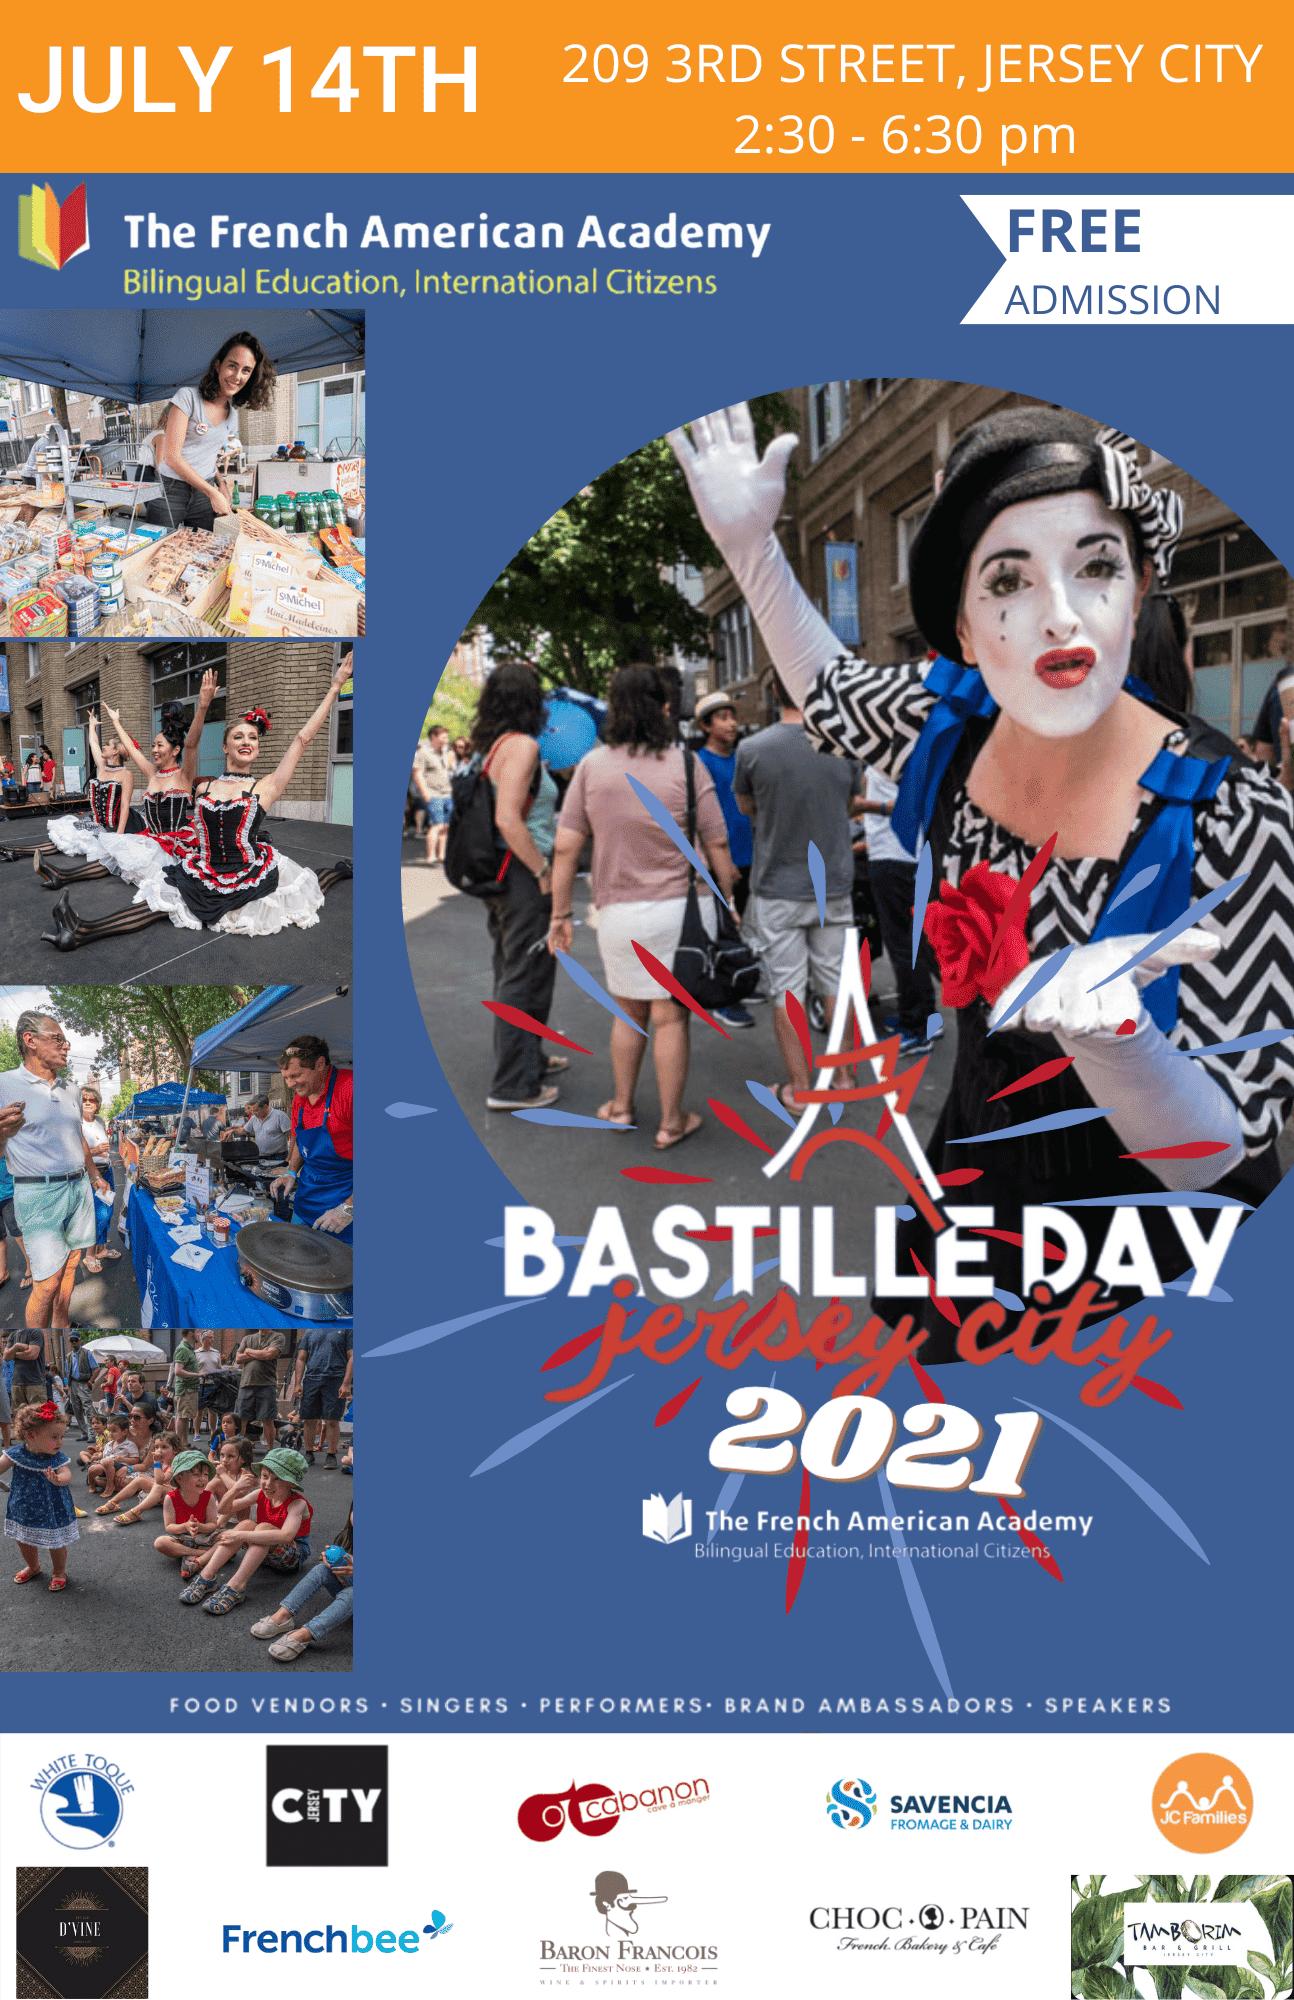 Bastille Day Jersey City July 14